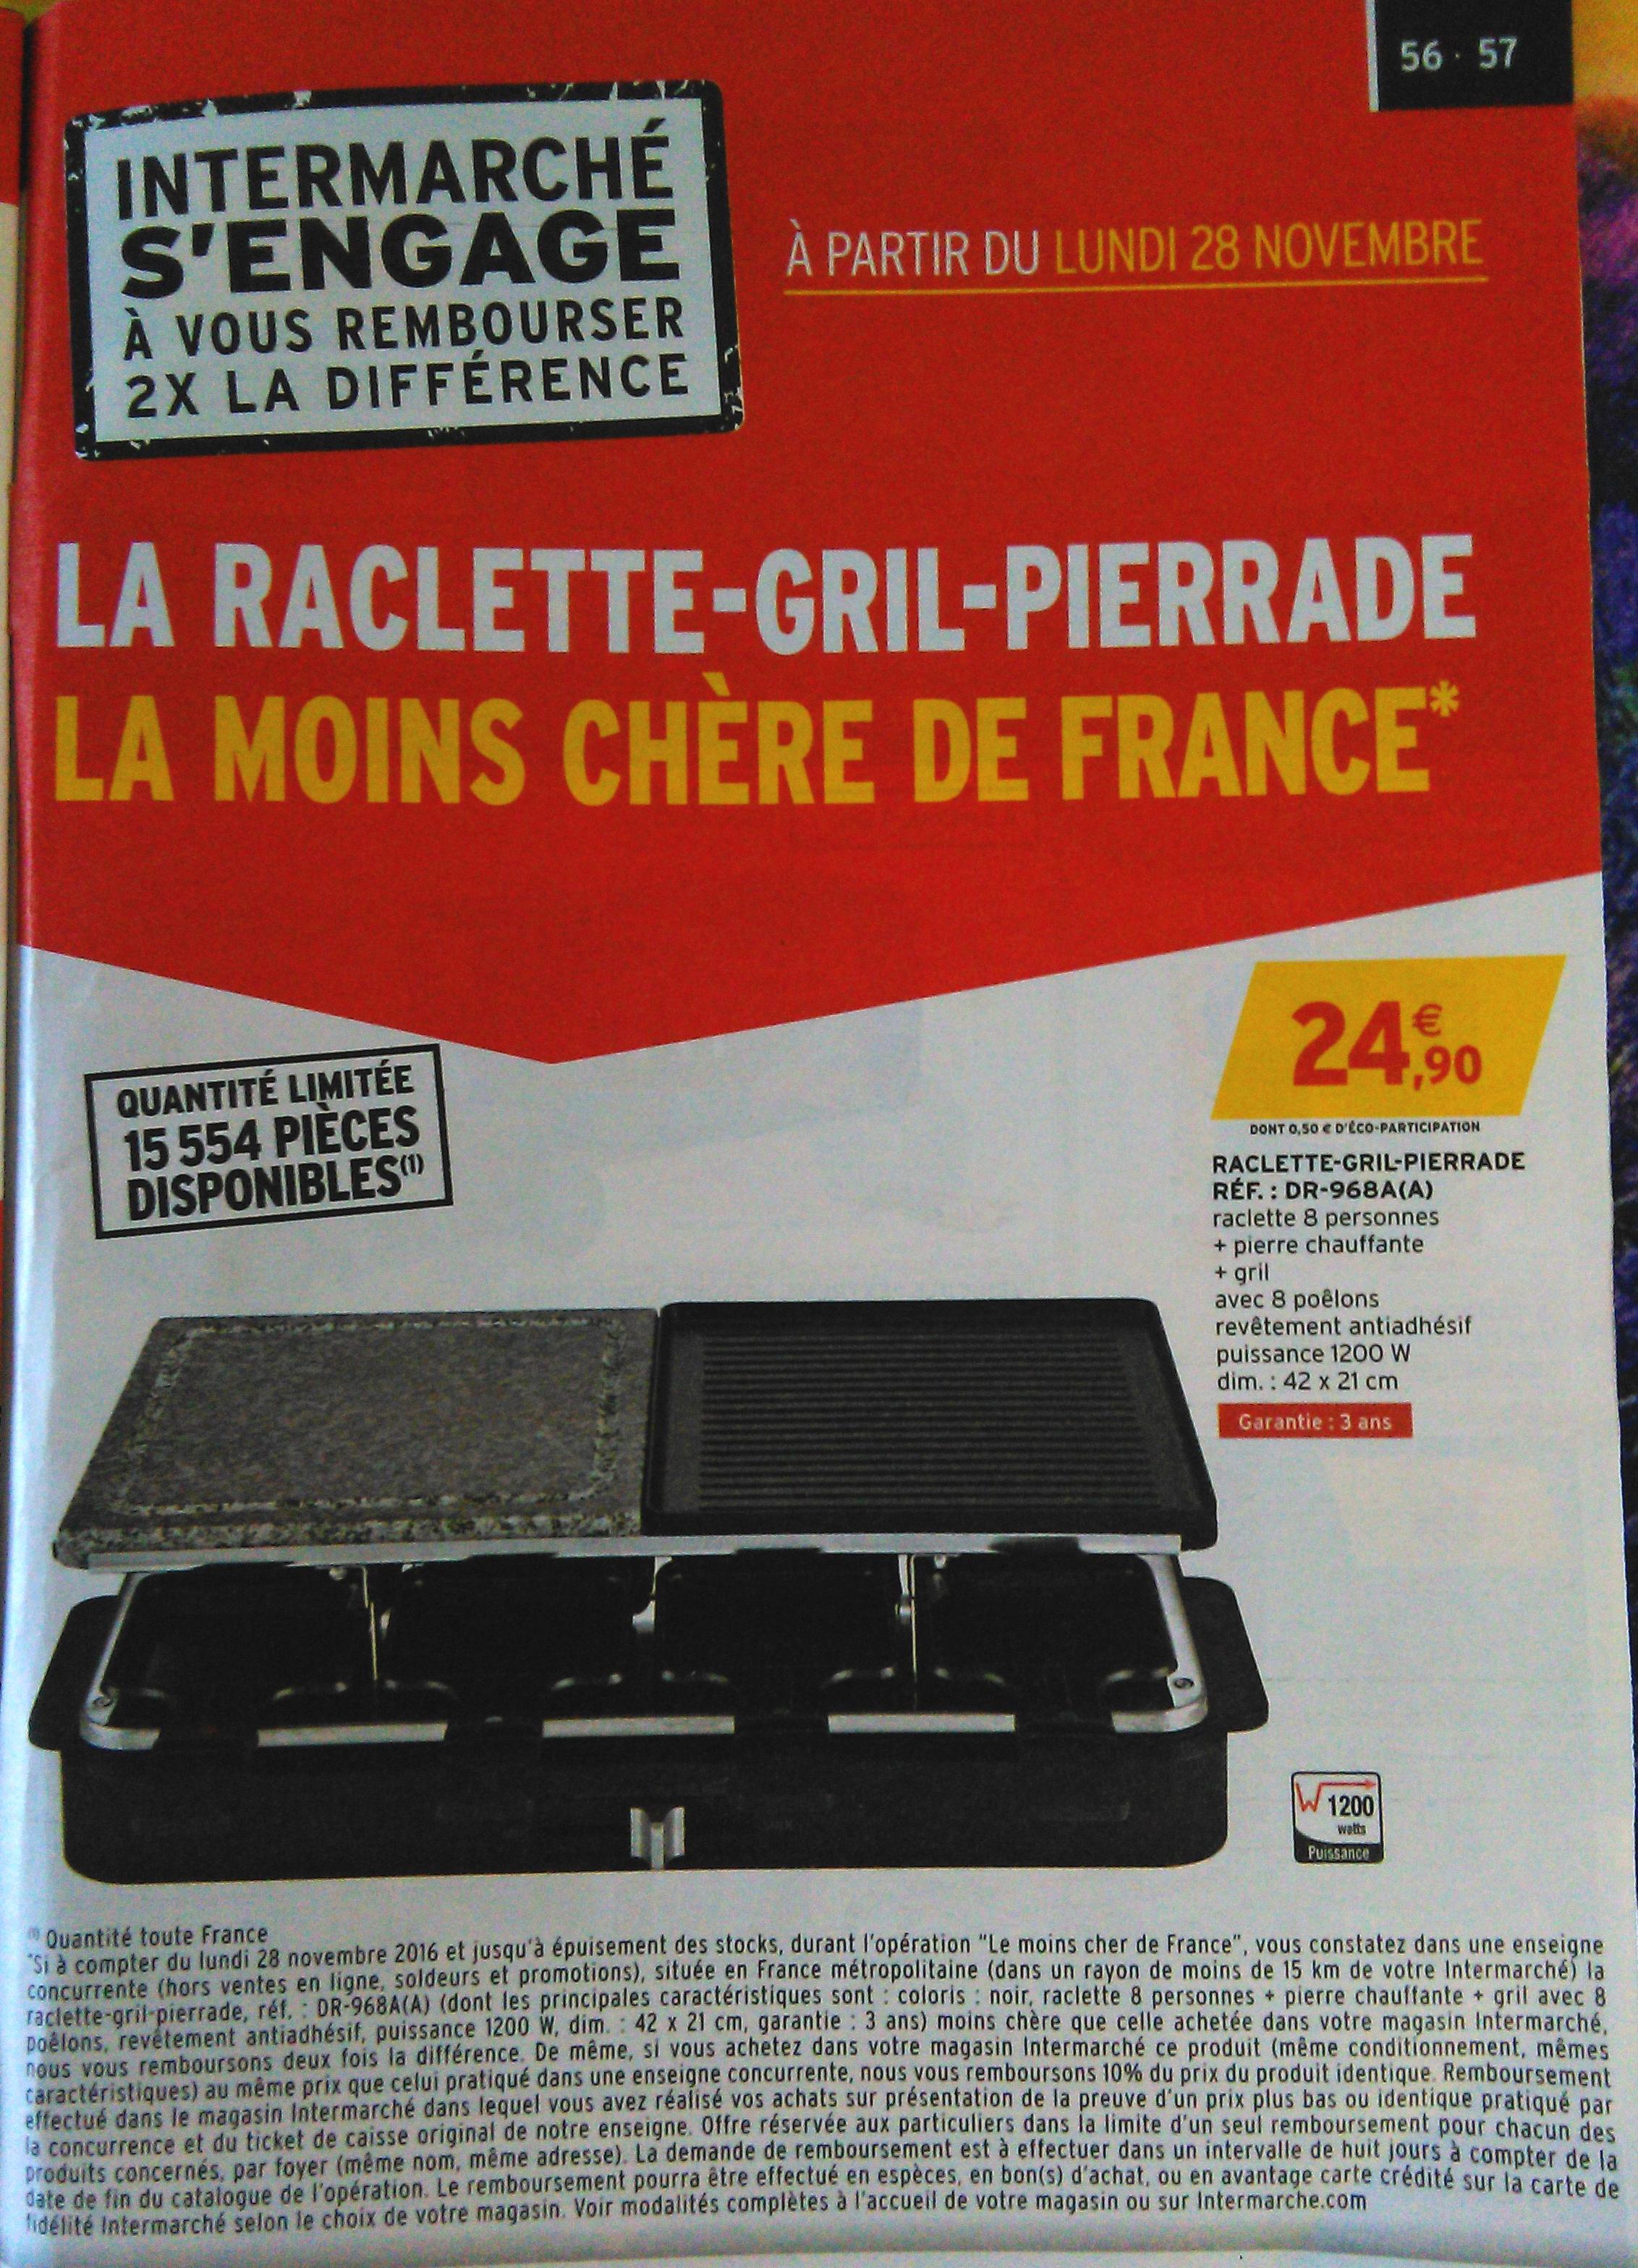 Appareil à raclette + pierre chauffante + gril DR-968A pour 8 personnes